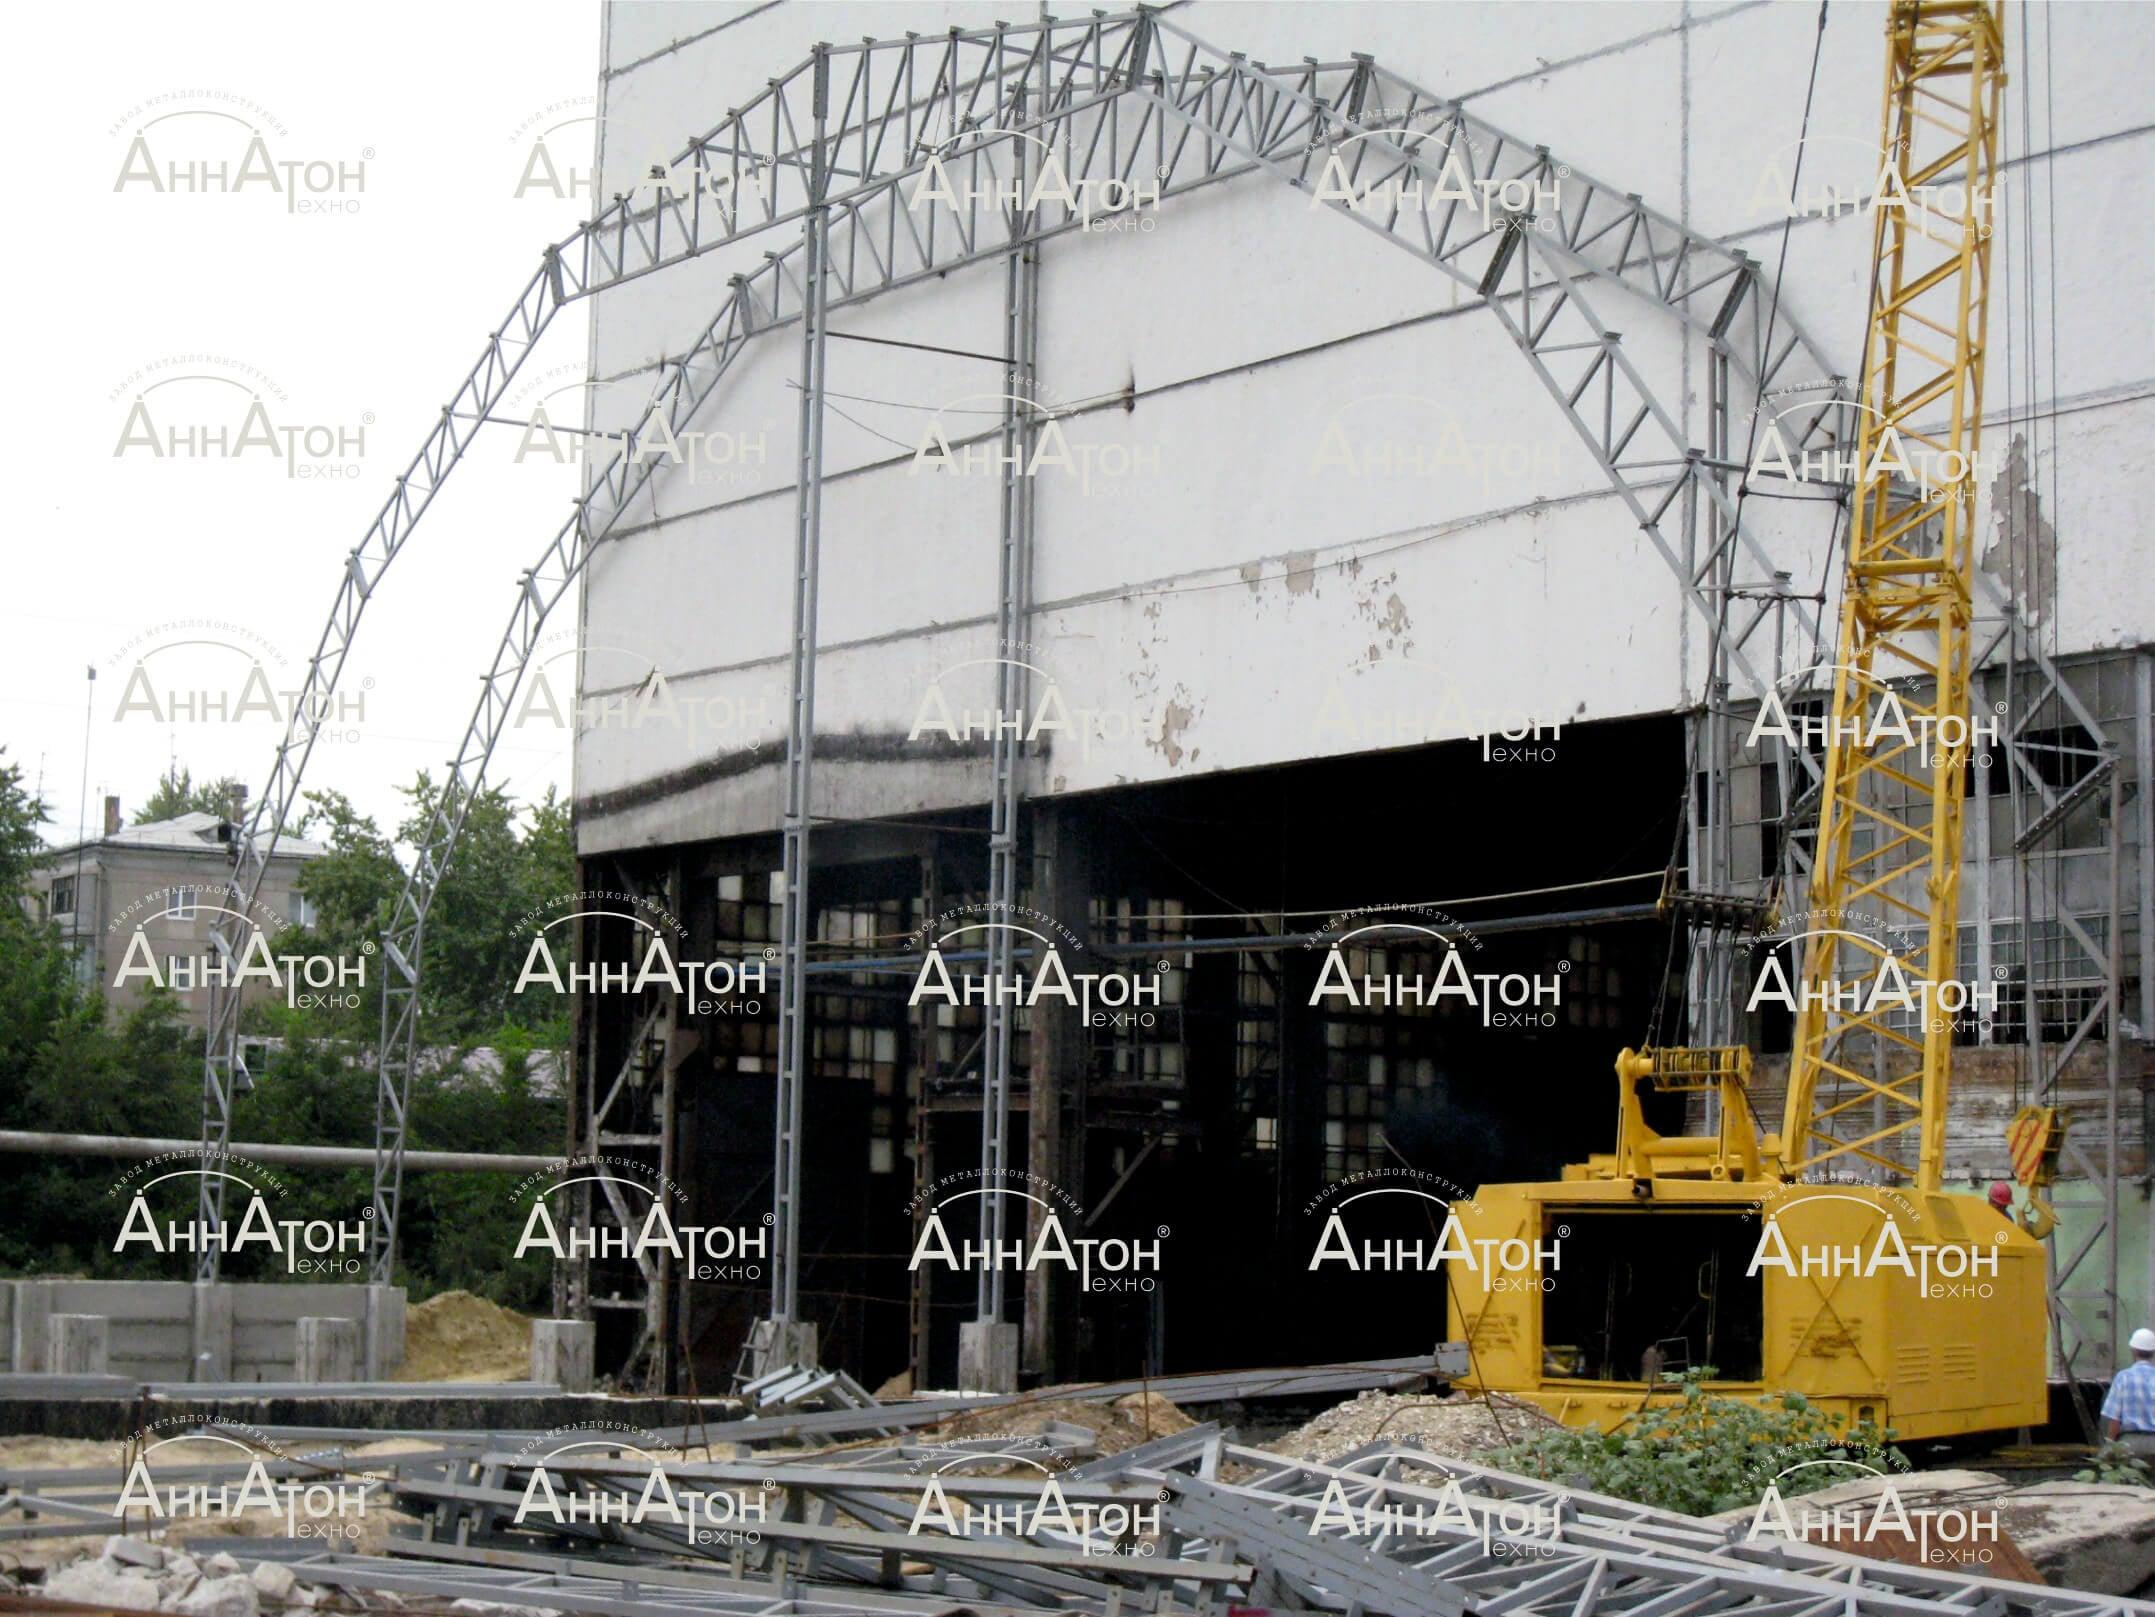 схема установки ферм для ангара